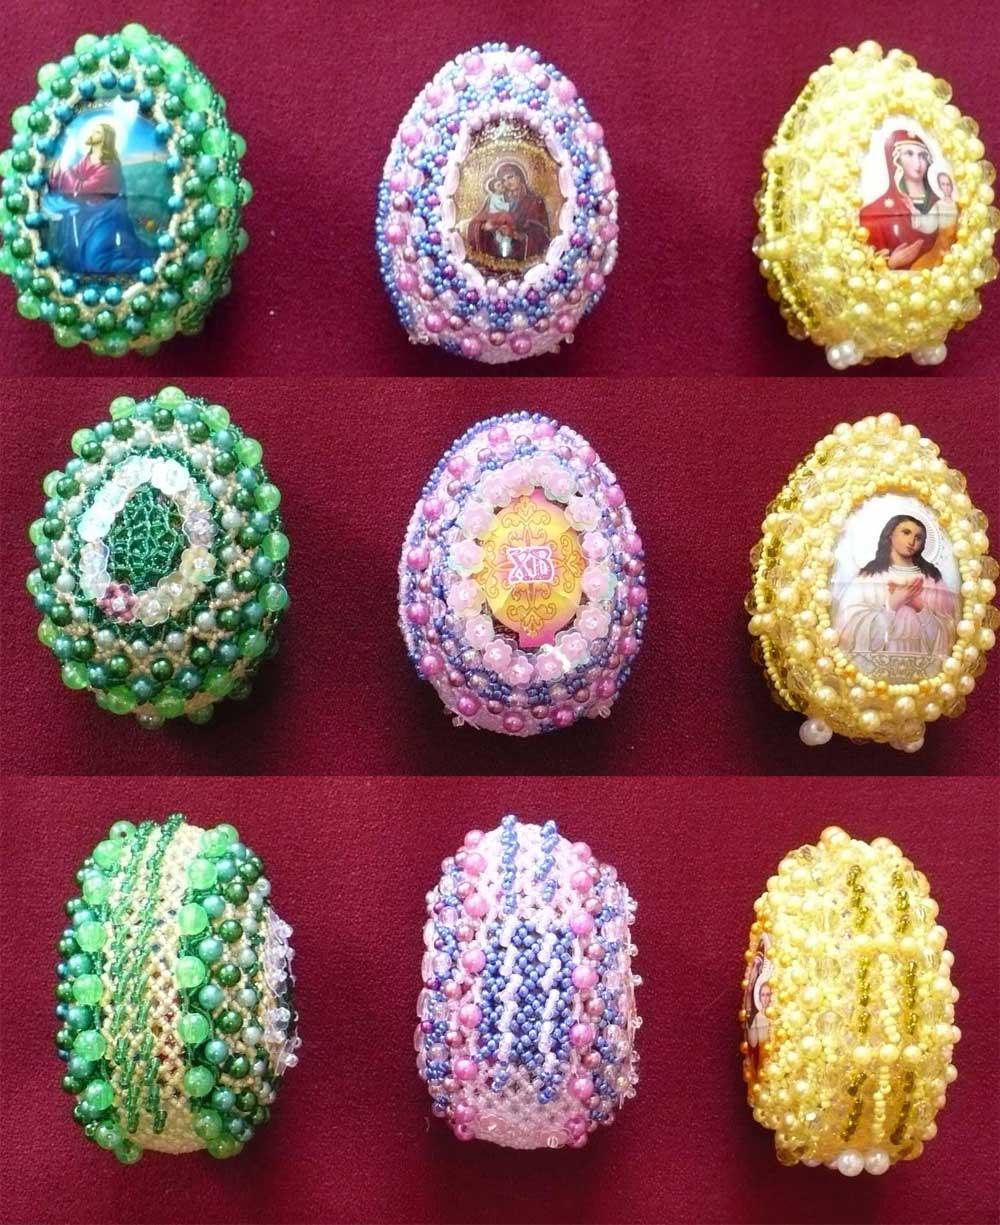 Яйца пасхальные. Пасхальные яйца